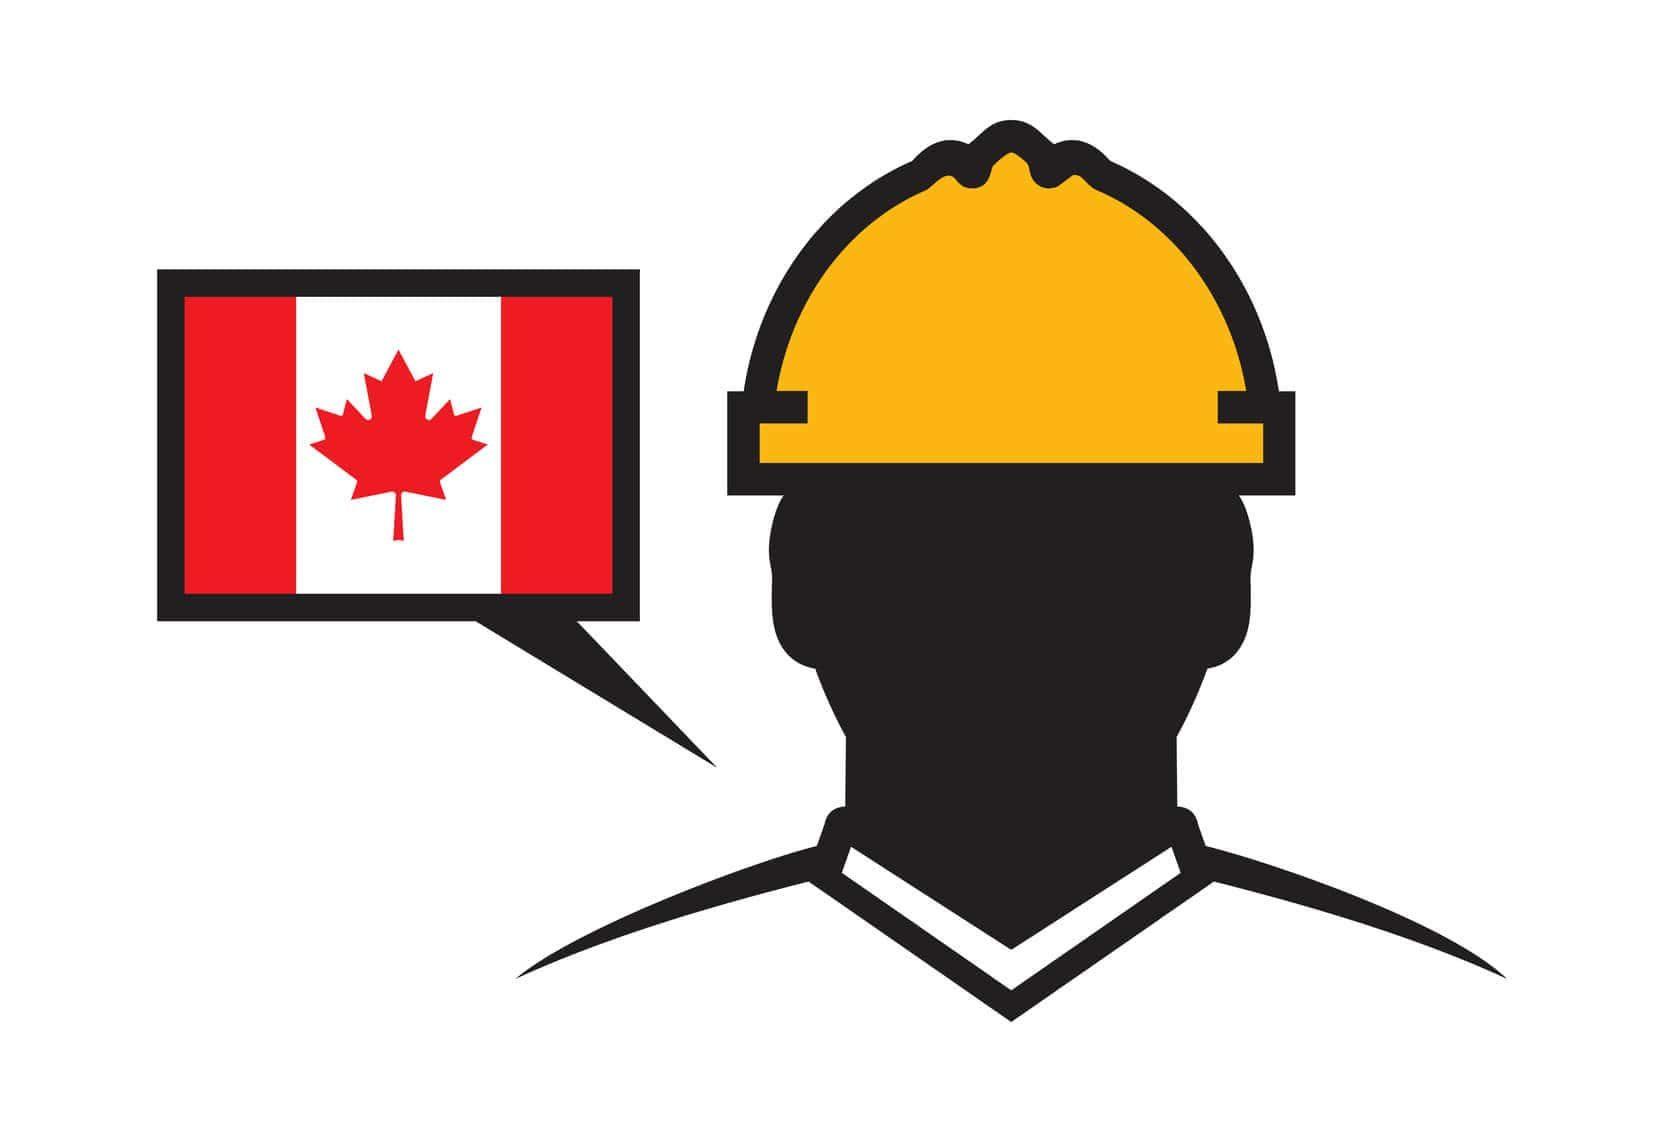 مهاجرت کاری به کشور کانادا